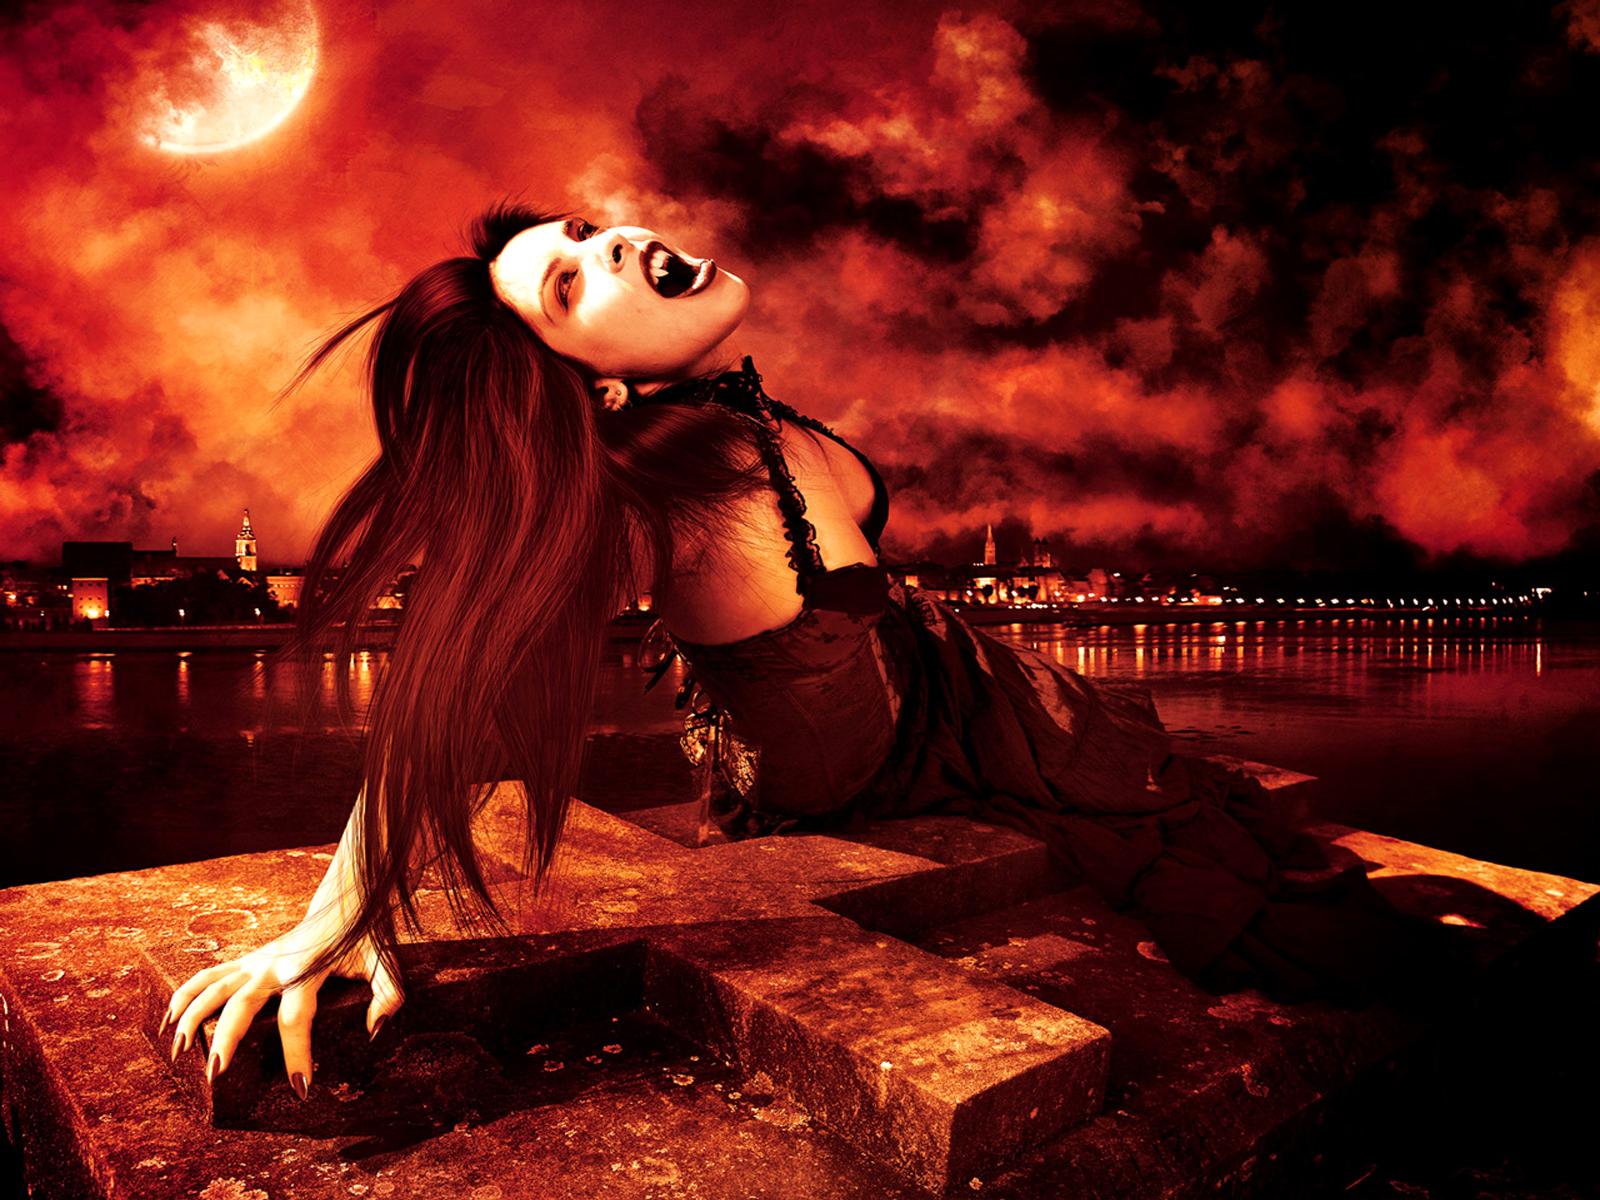 Unduh 440+ Wallpaper Vampir Cantik Gambar HD Terbaru